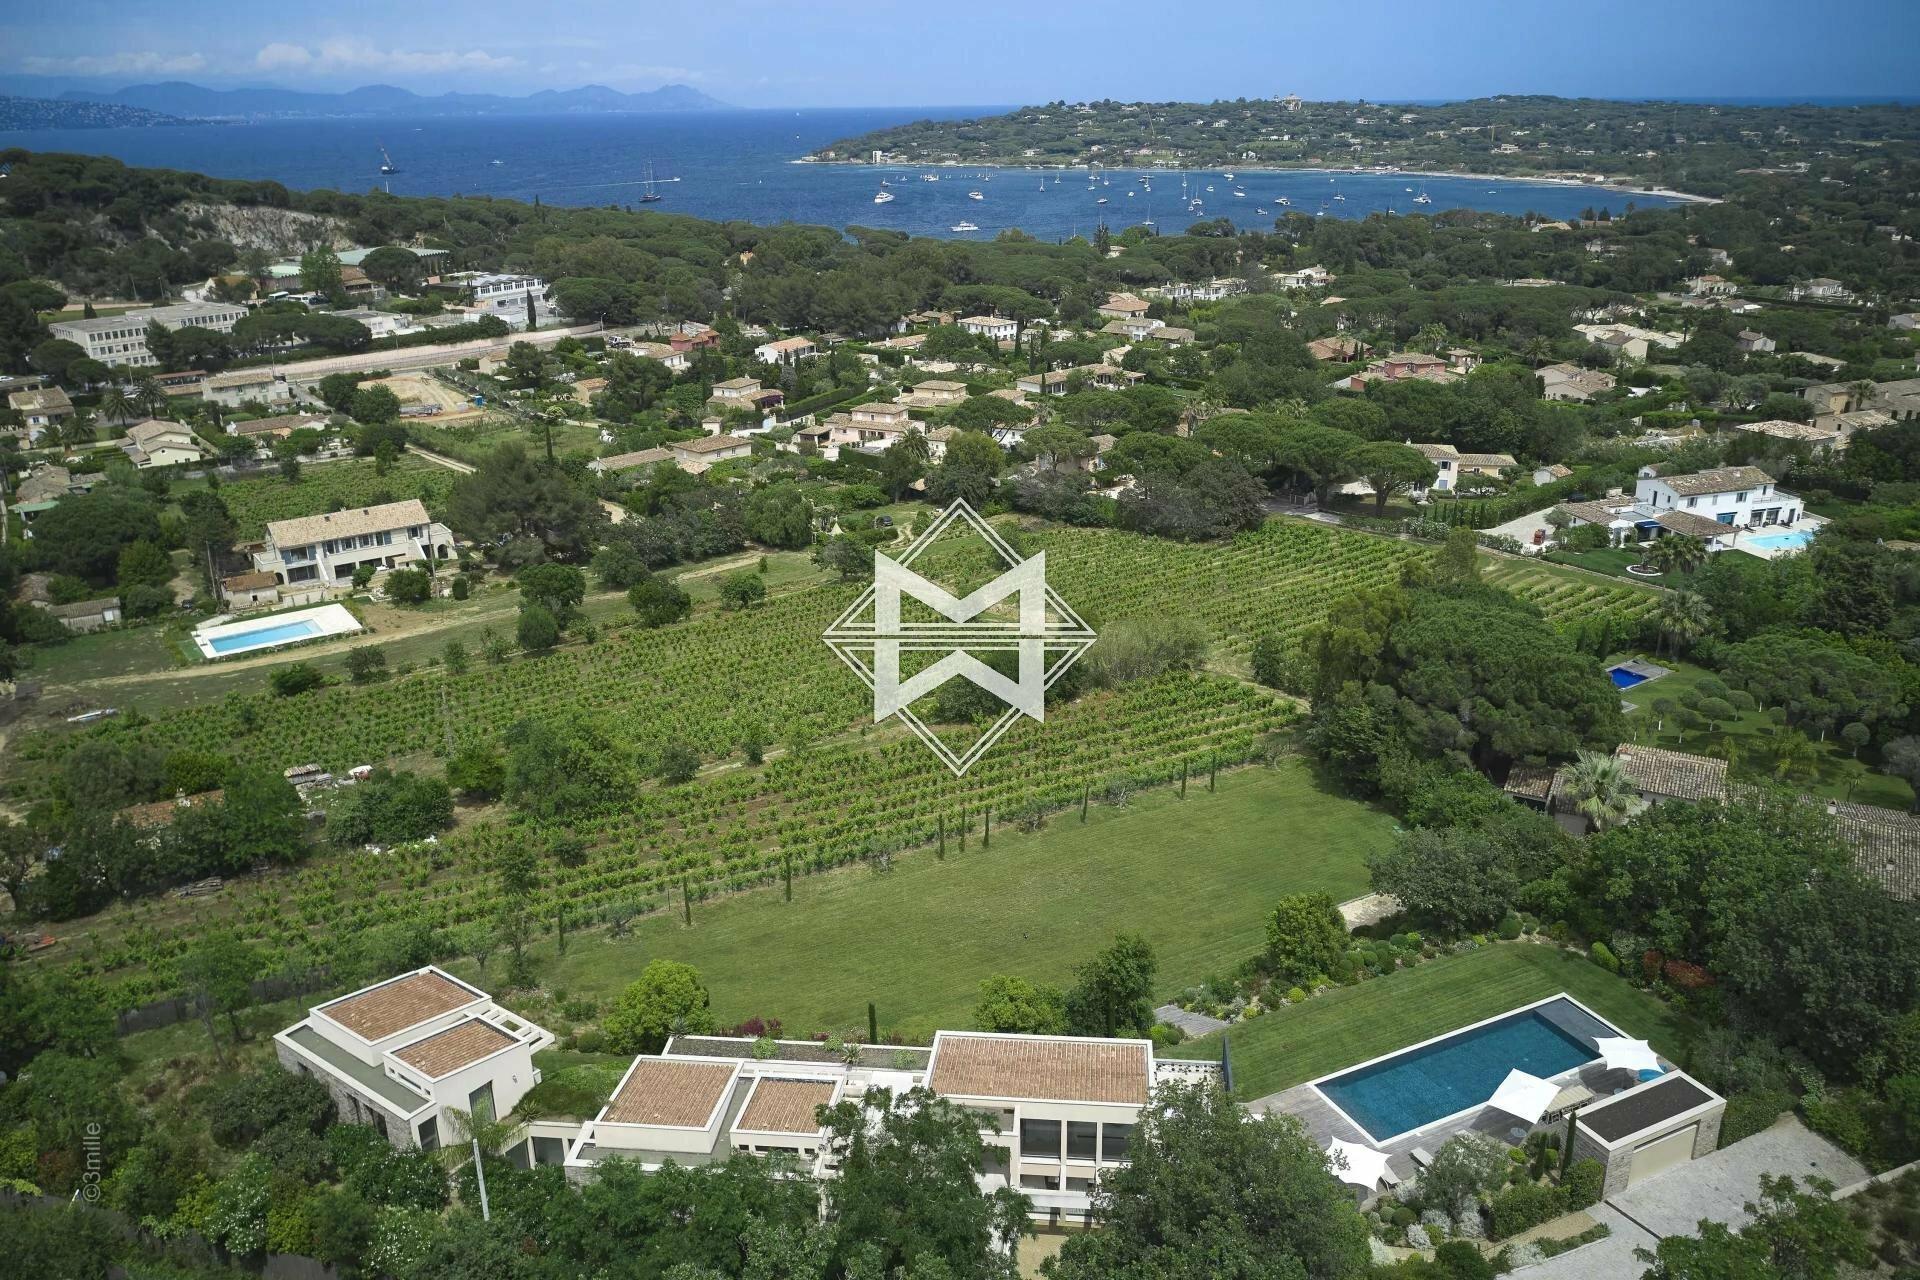 Villa in Saint-Tropez, Provence-Alpes-Côte d'Azur, France 1 - 11504221